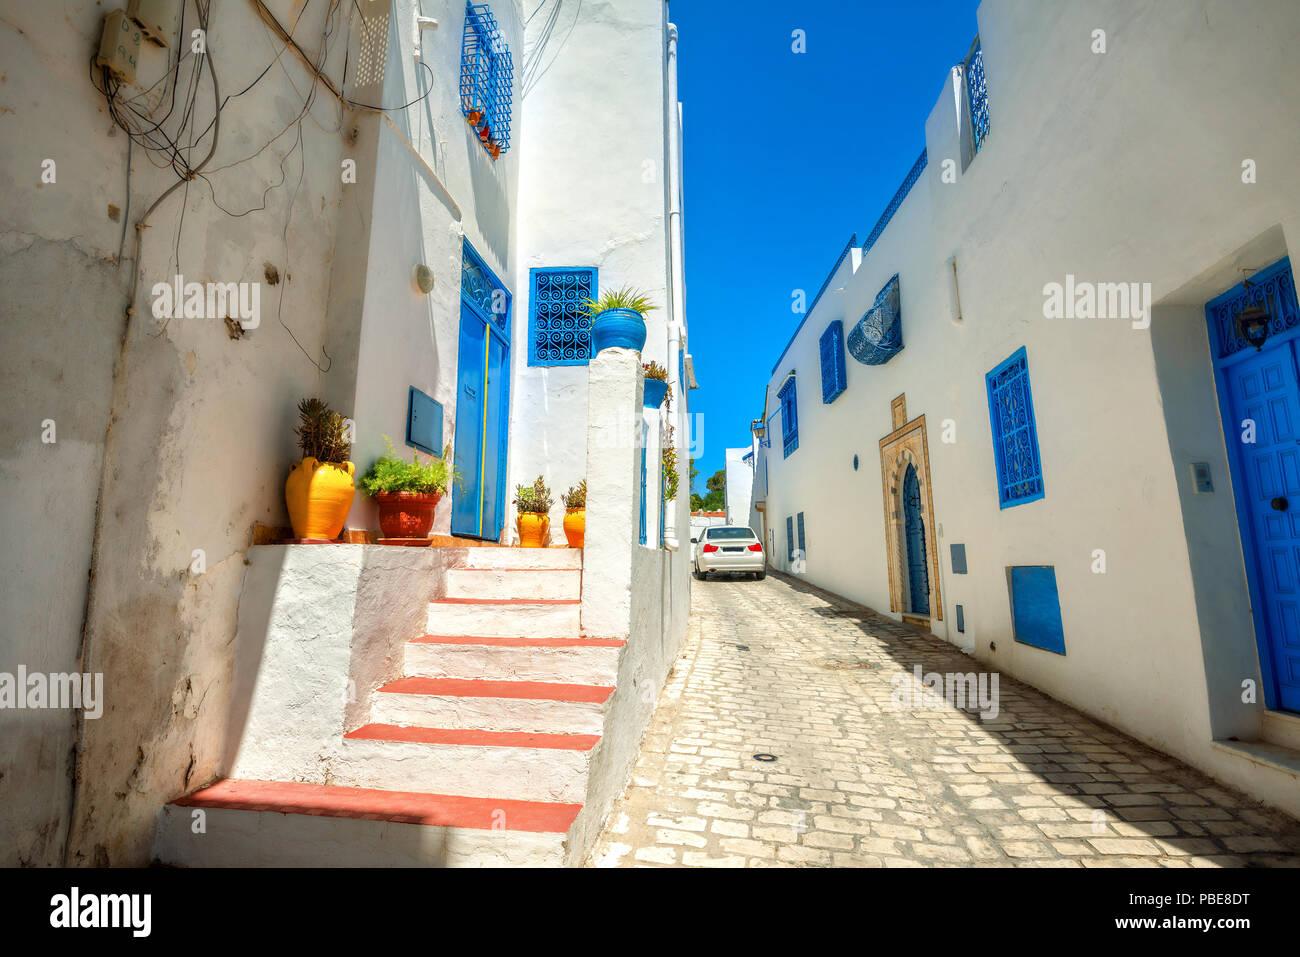 Narrow street in white blue town Sidi Bou Said. Tunisia, North Africa Stock Photo